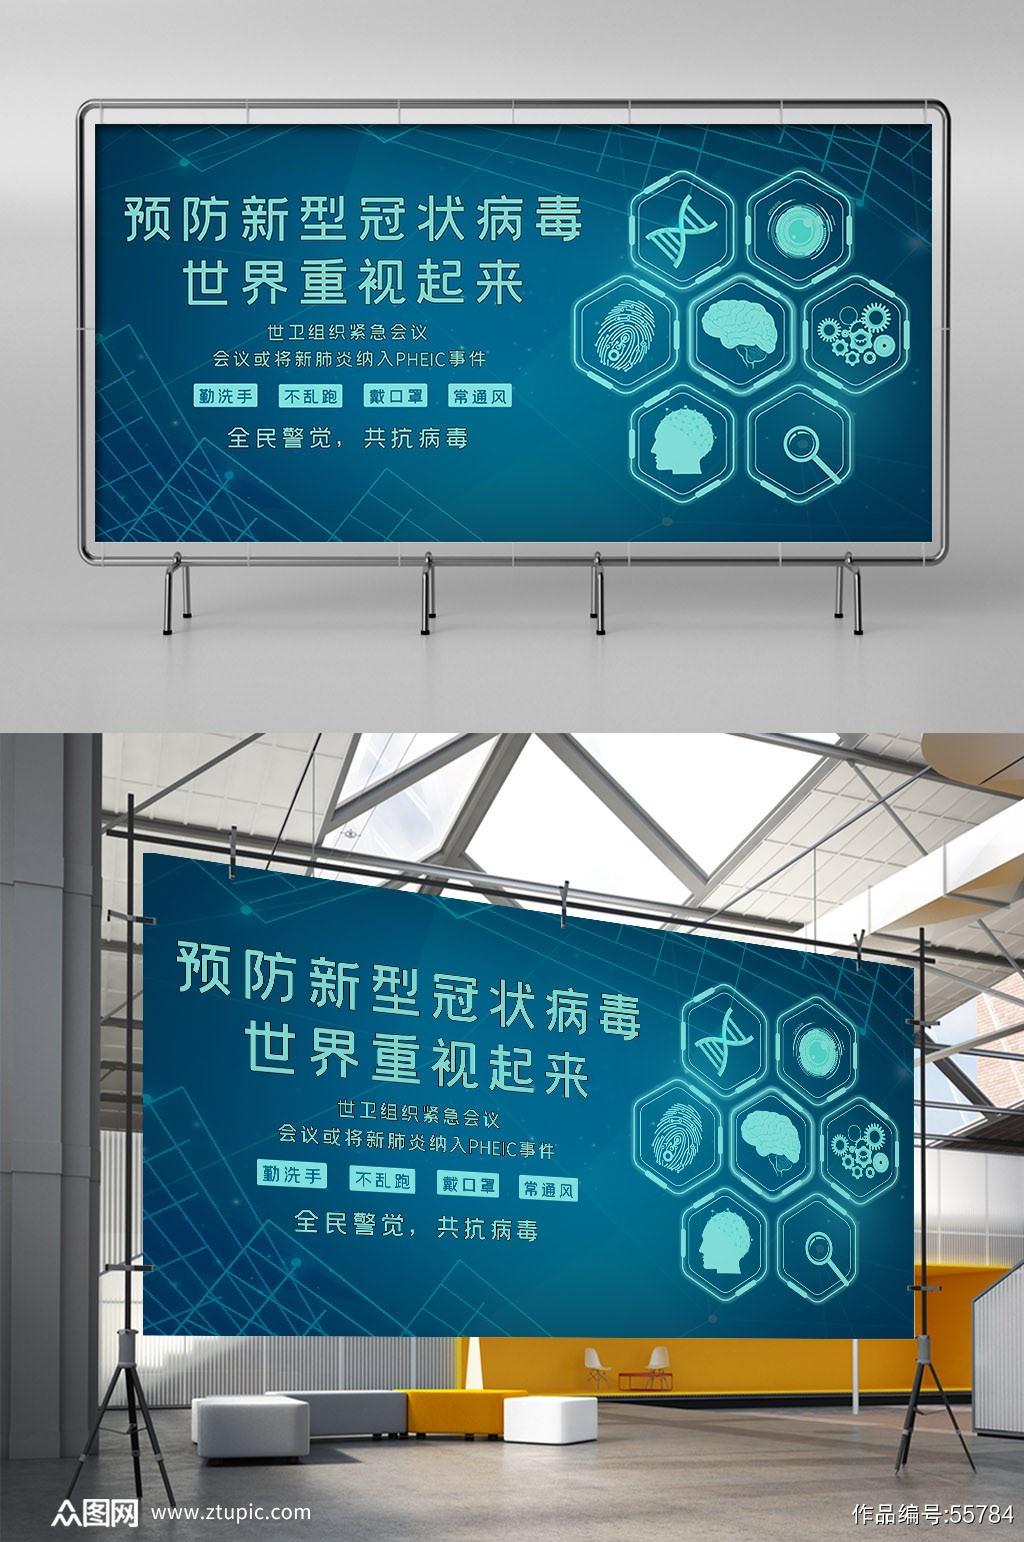 预防新型冠状病毒海报素材